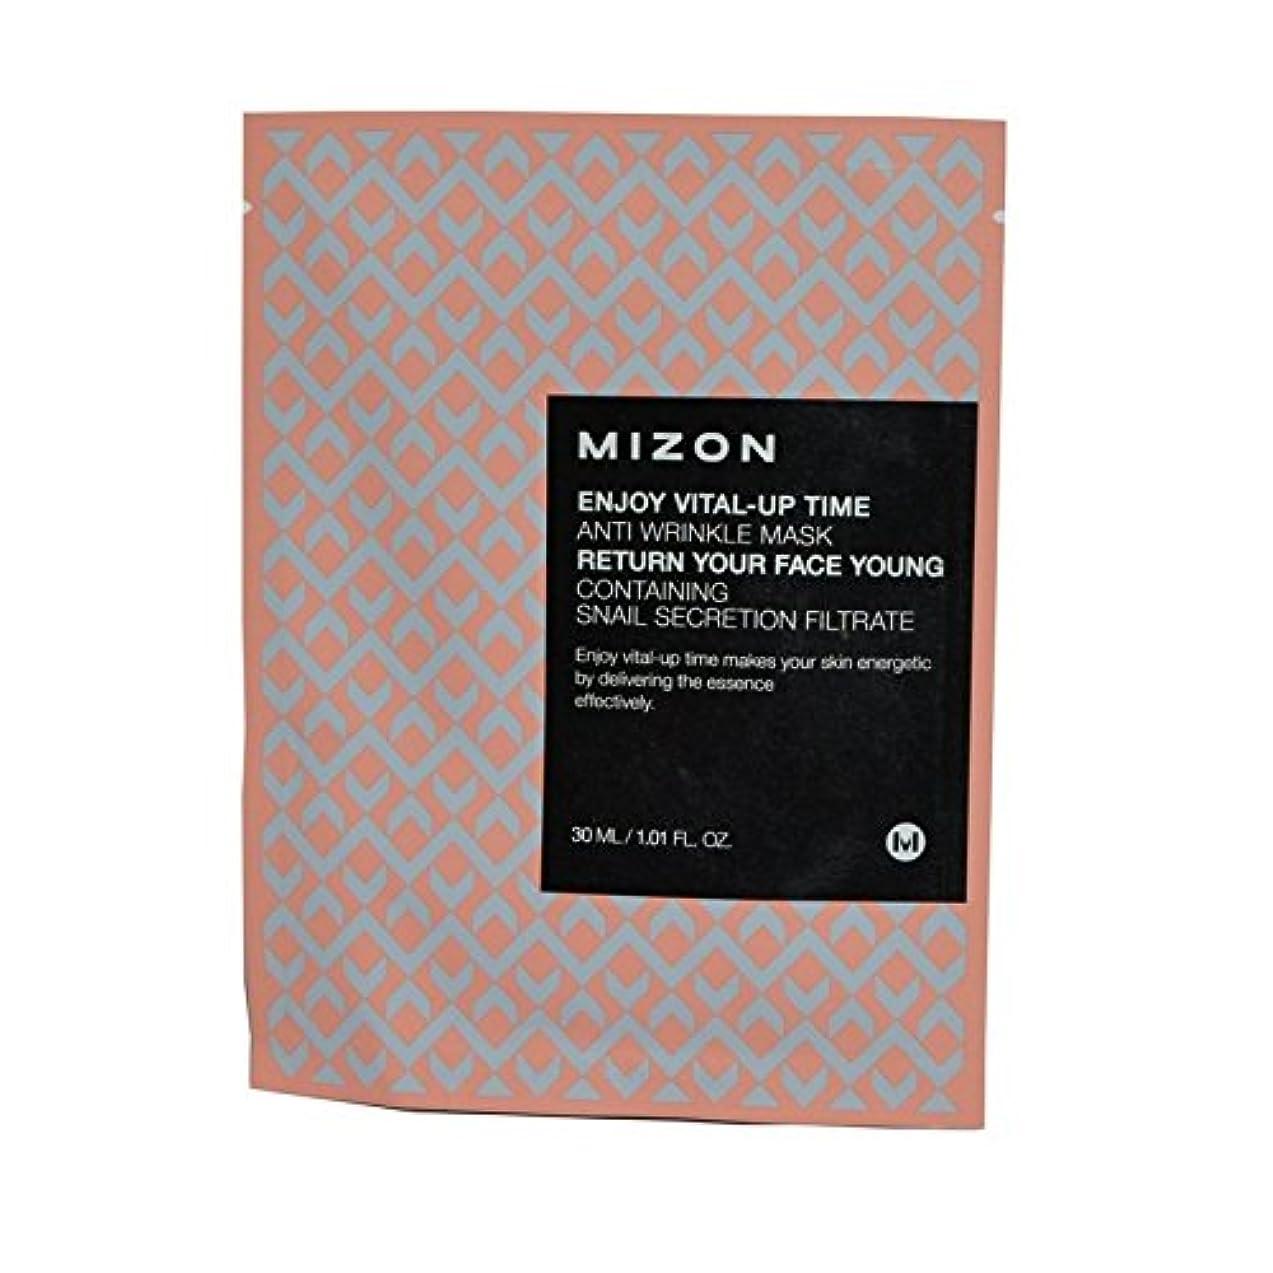 件名ジュラシックパーク傷つけるMizon Enjoy Vital Up Time Anti-Wrinkle Mask (Pack of 6) - が不可欠アップ時間抗しわマスクを楽しみます x6 [並行輸入品]